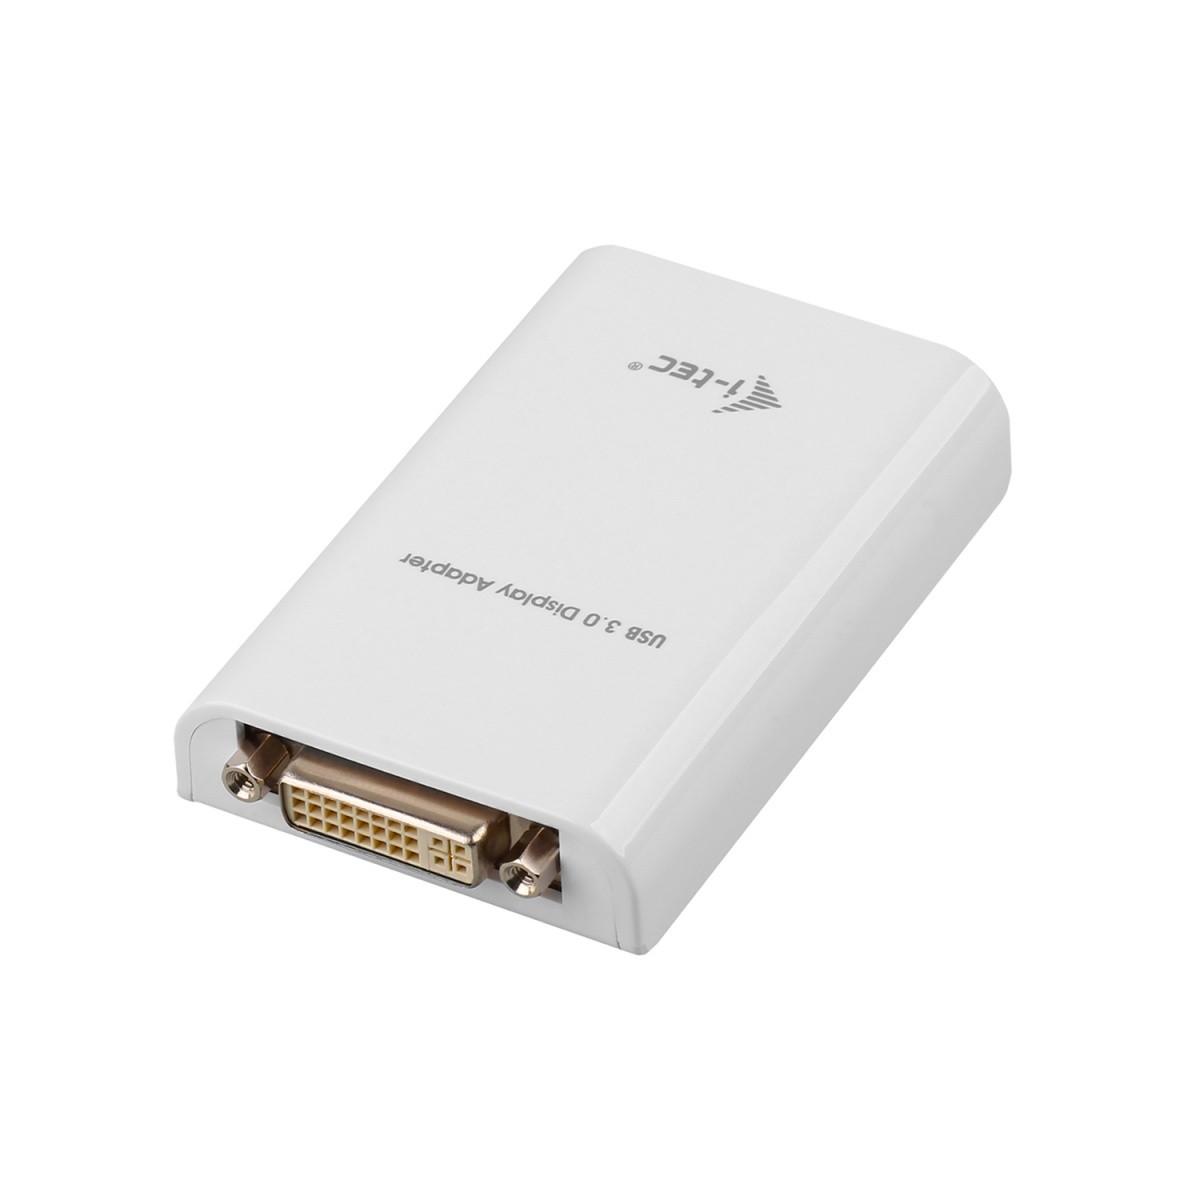 usb-3-0-display-video-adapter-advance-trio-dvi-hdmi-vga-fullhd-2048x1152-px-zewnetrzna-karta-graficzna